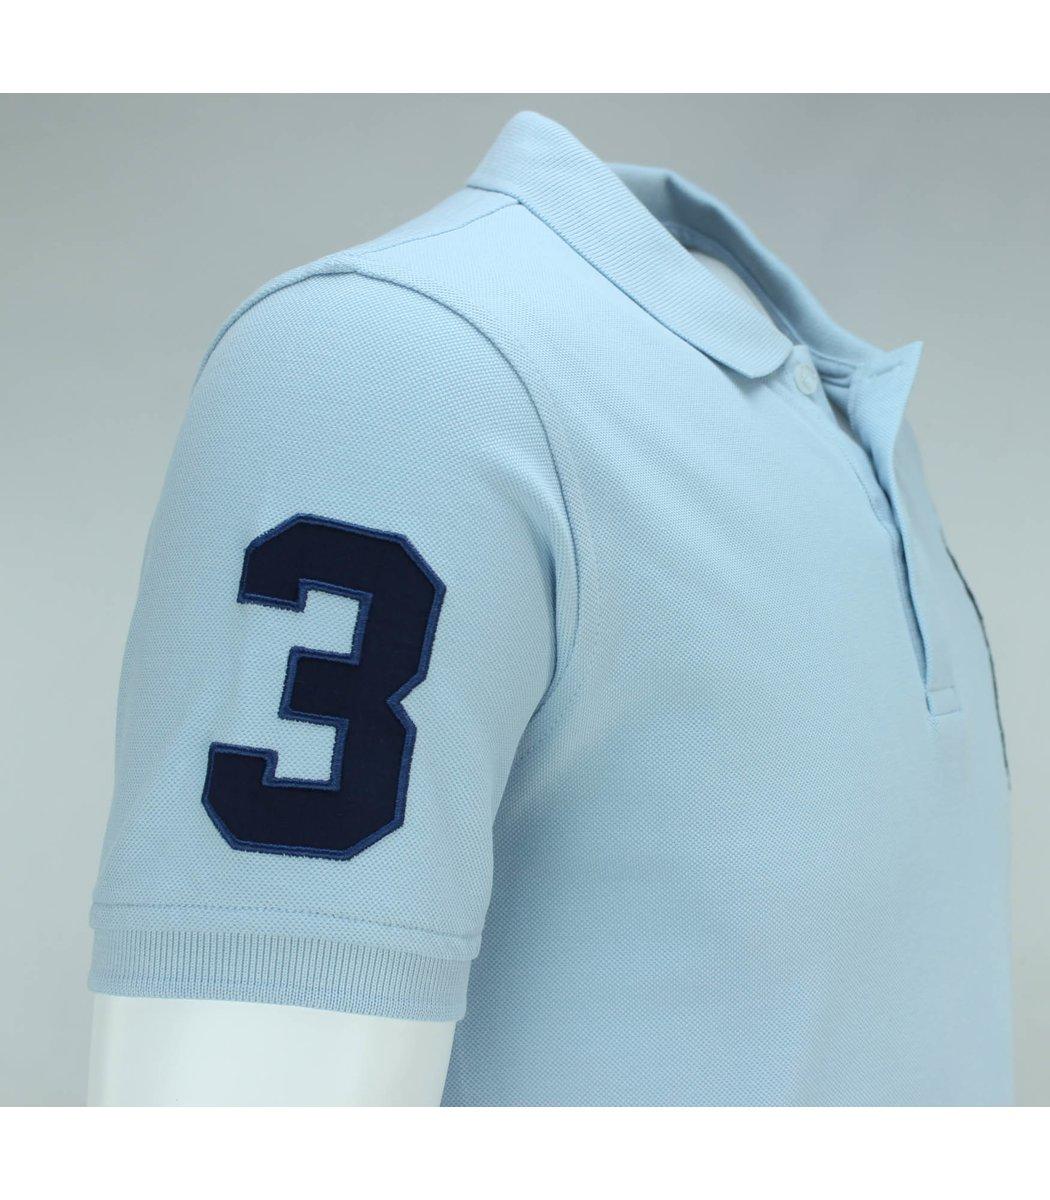 Бледно-голубая футболка поло Ralph Lauren RL3